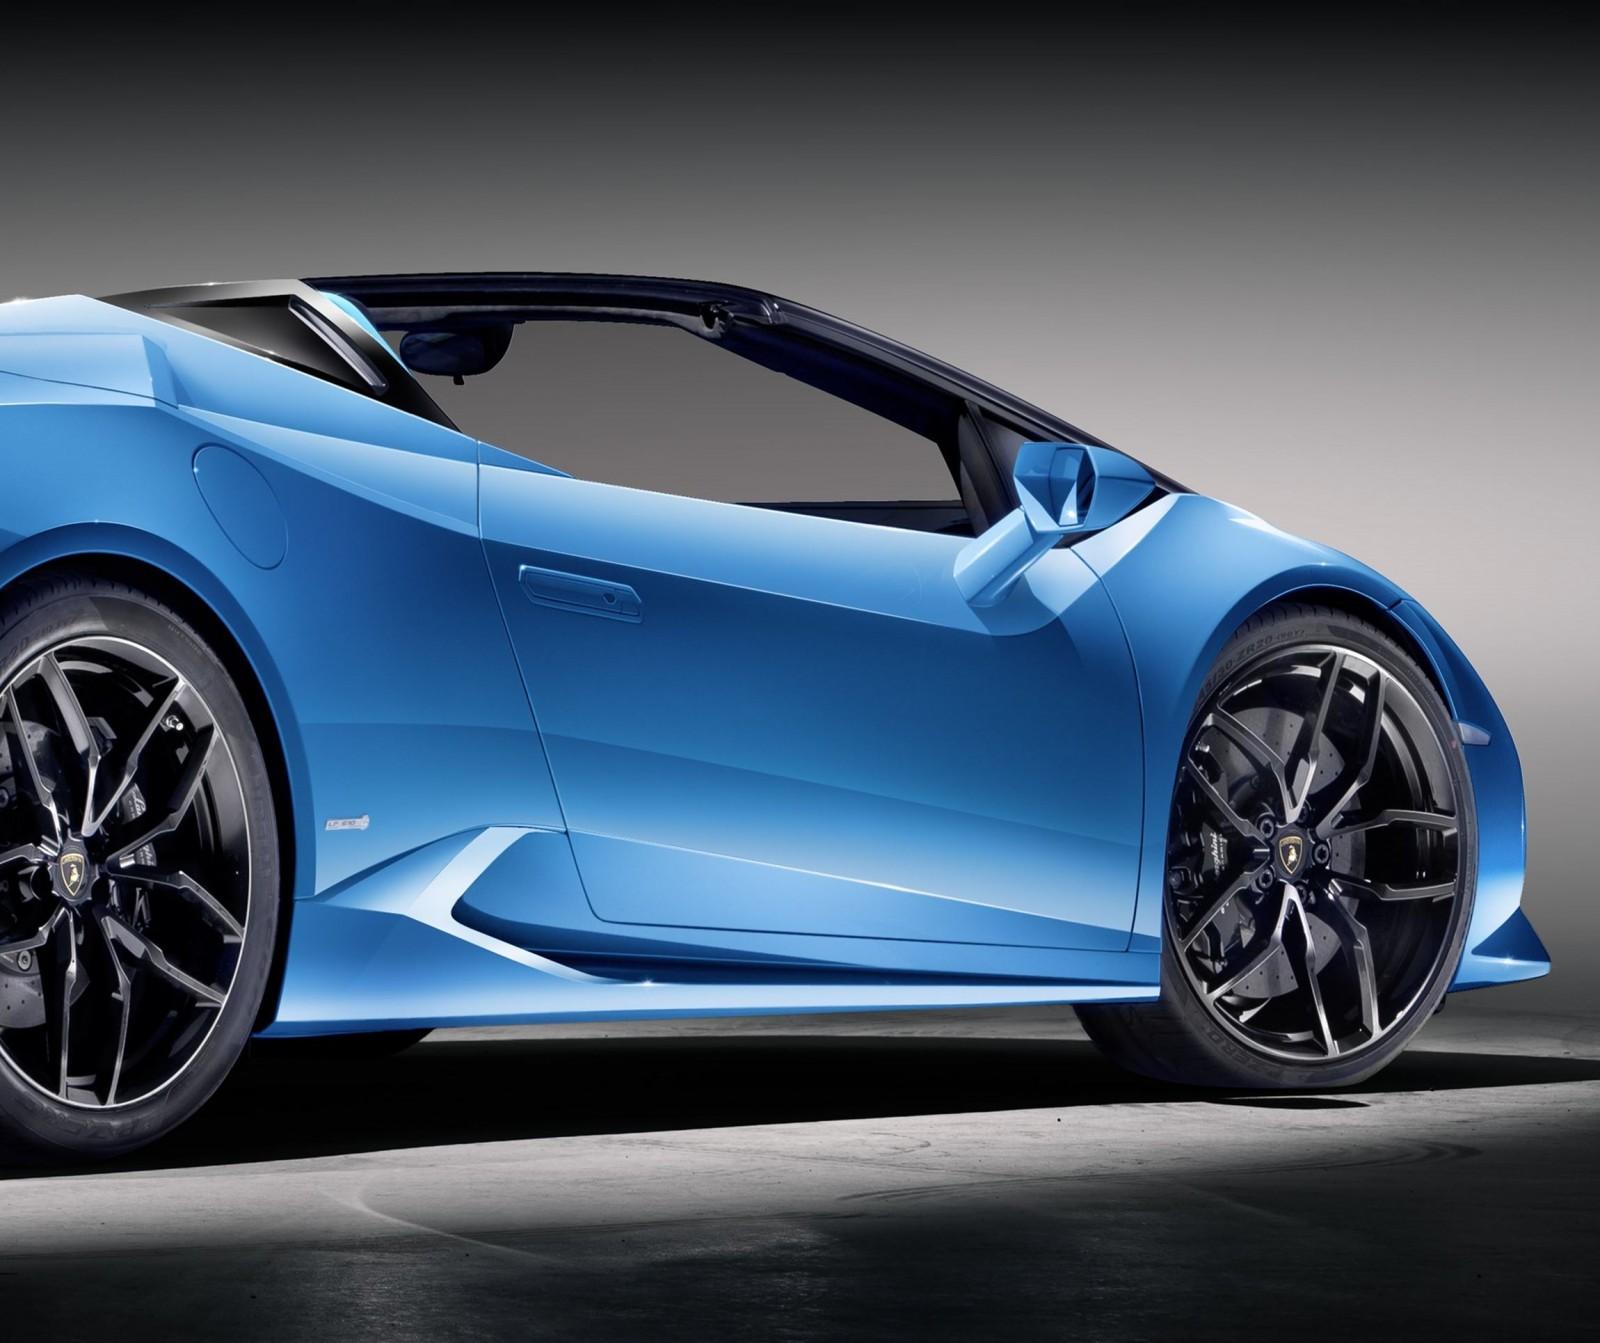 Lamborghini: 2016 Lamborghini Huracan SPYDER